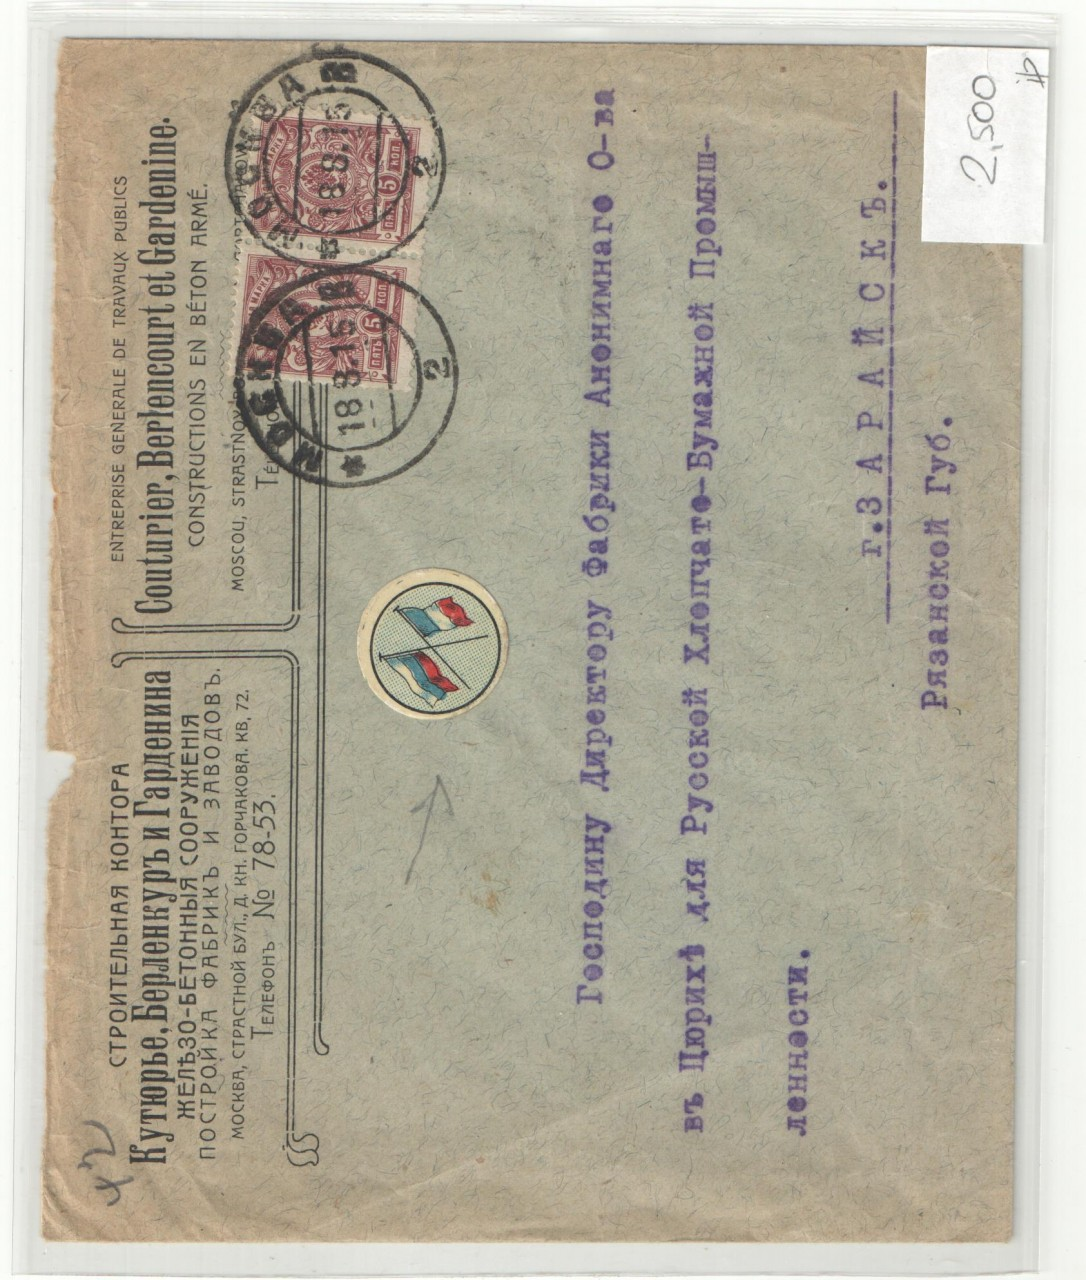 Подскажите, по круглой наклейке на конверте начала 20 века.